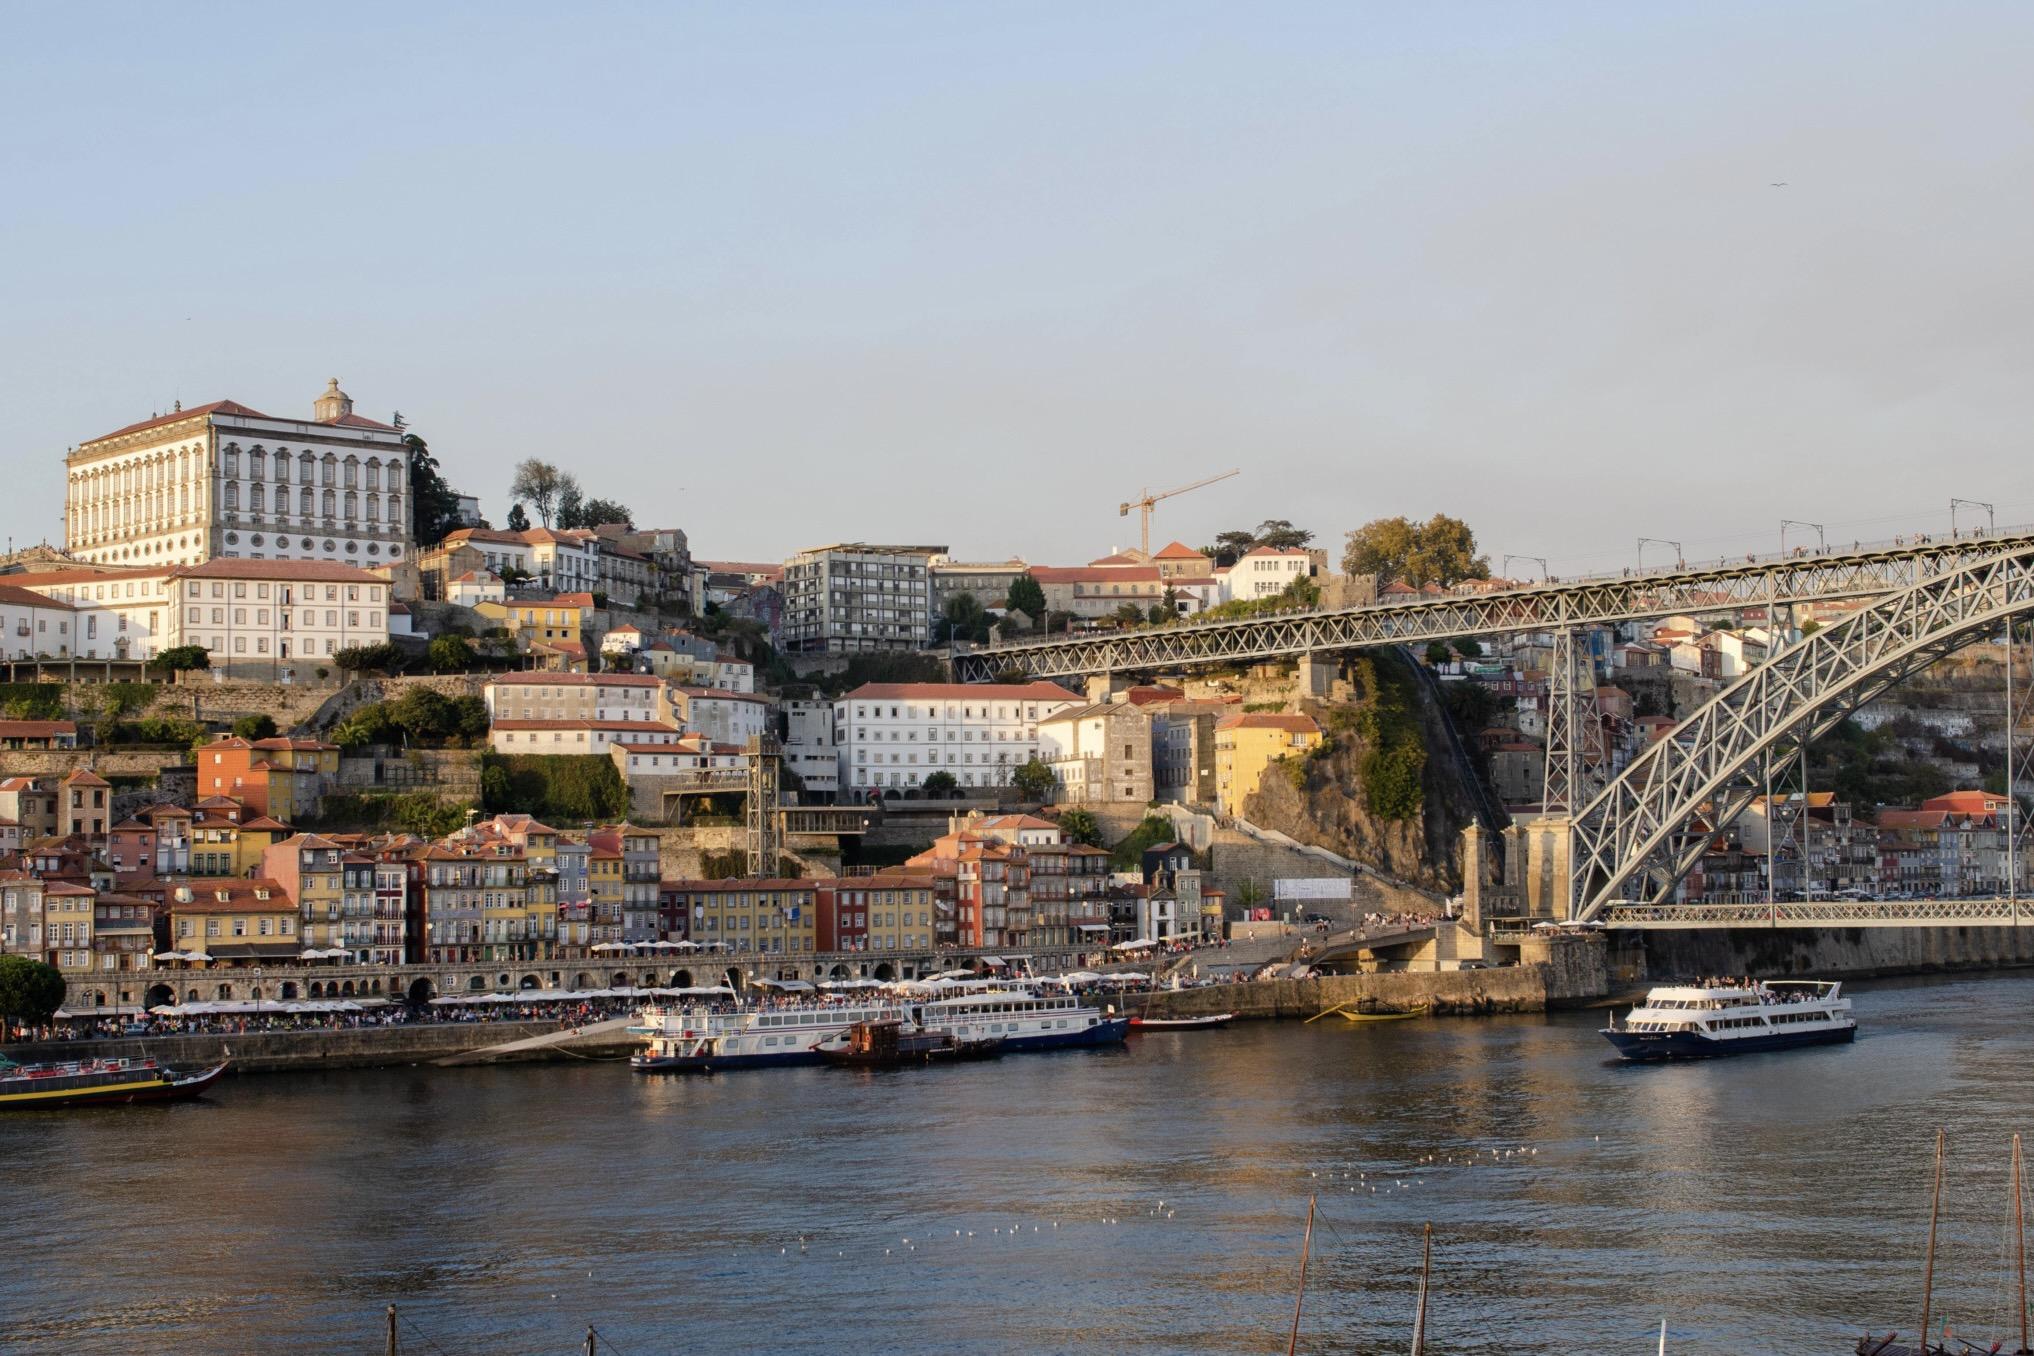 Brücke in Porto in Portugal